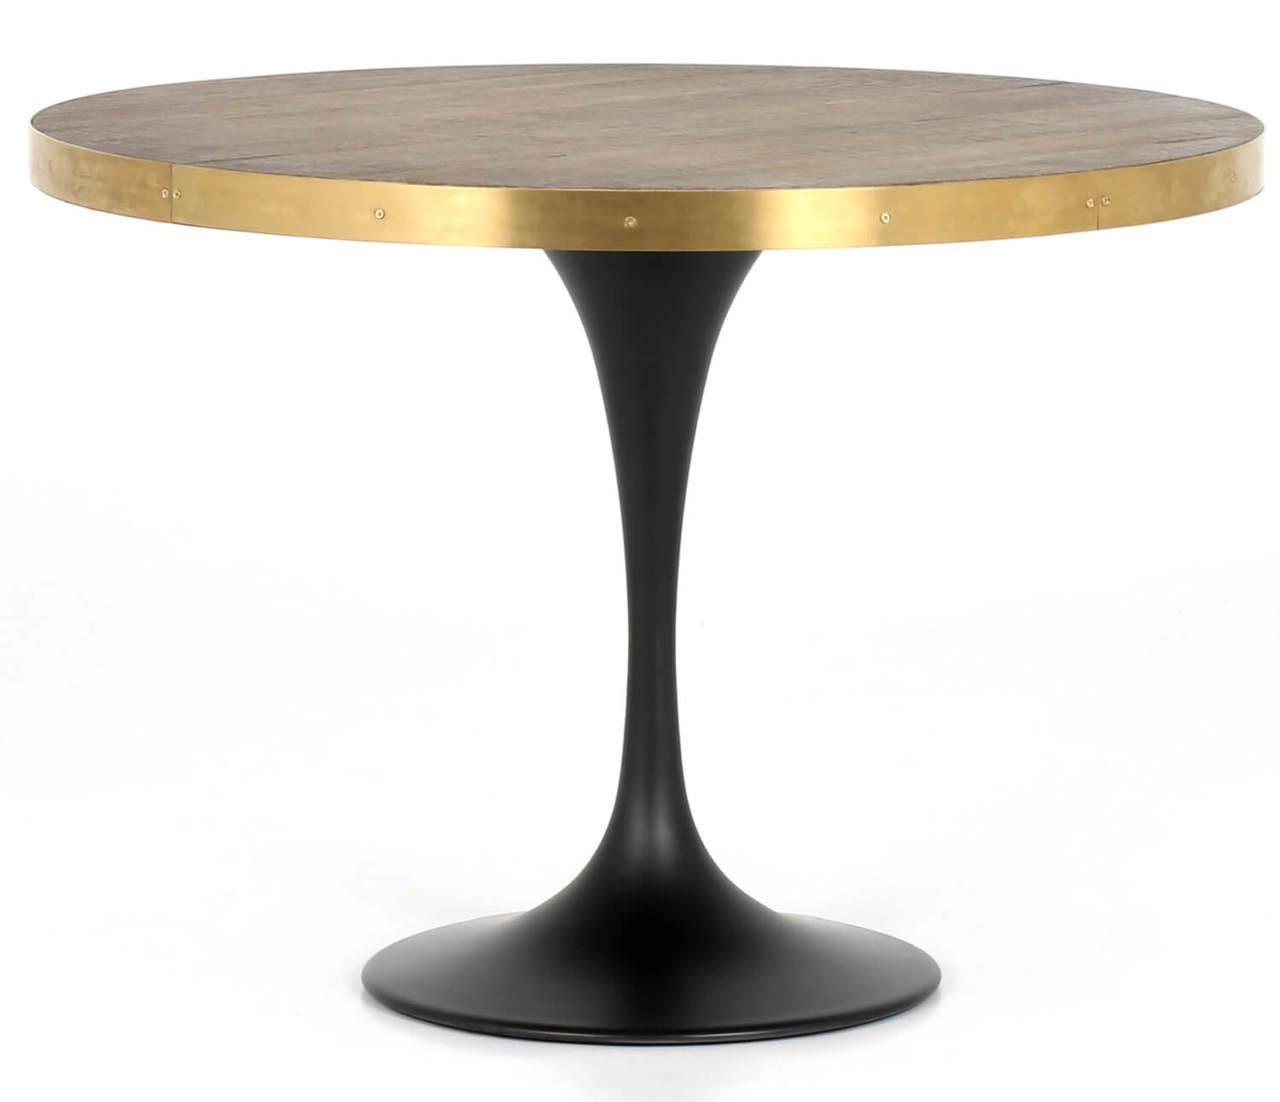 Evans Industrial Oak Wood Tulip Round Bistro Table 42 Zin Home